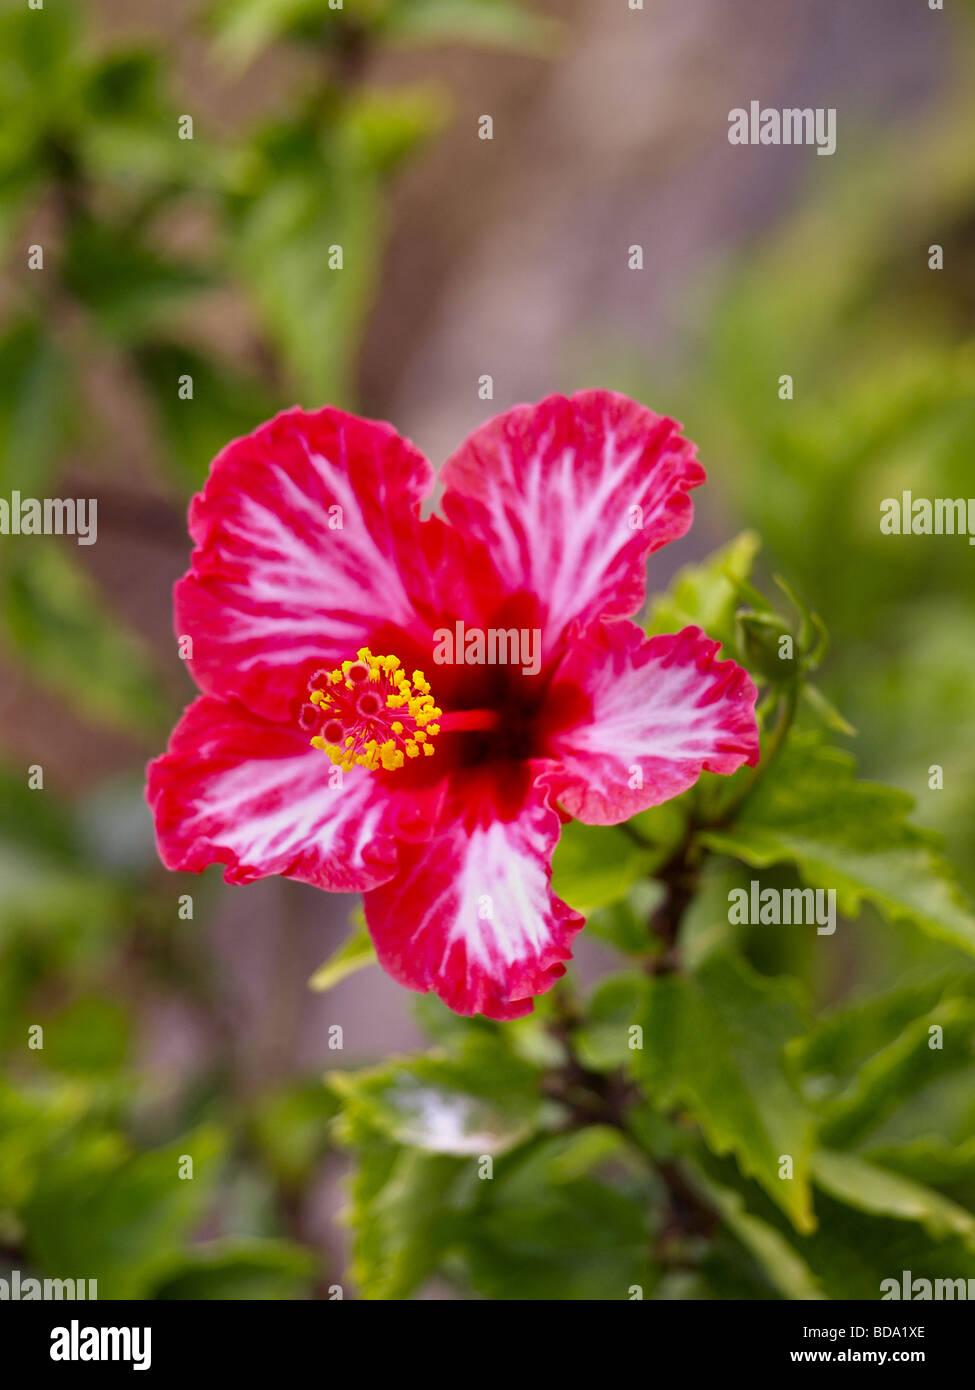 White hibiscus flower stock photos white hibiscus flower stock pink red and white hibiscus flower stock image izmirmasajfo